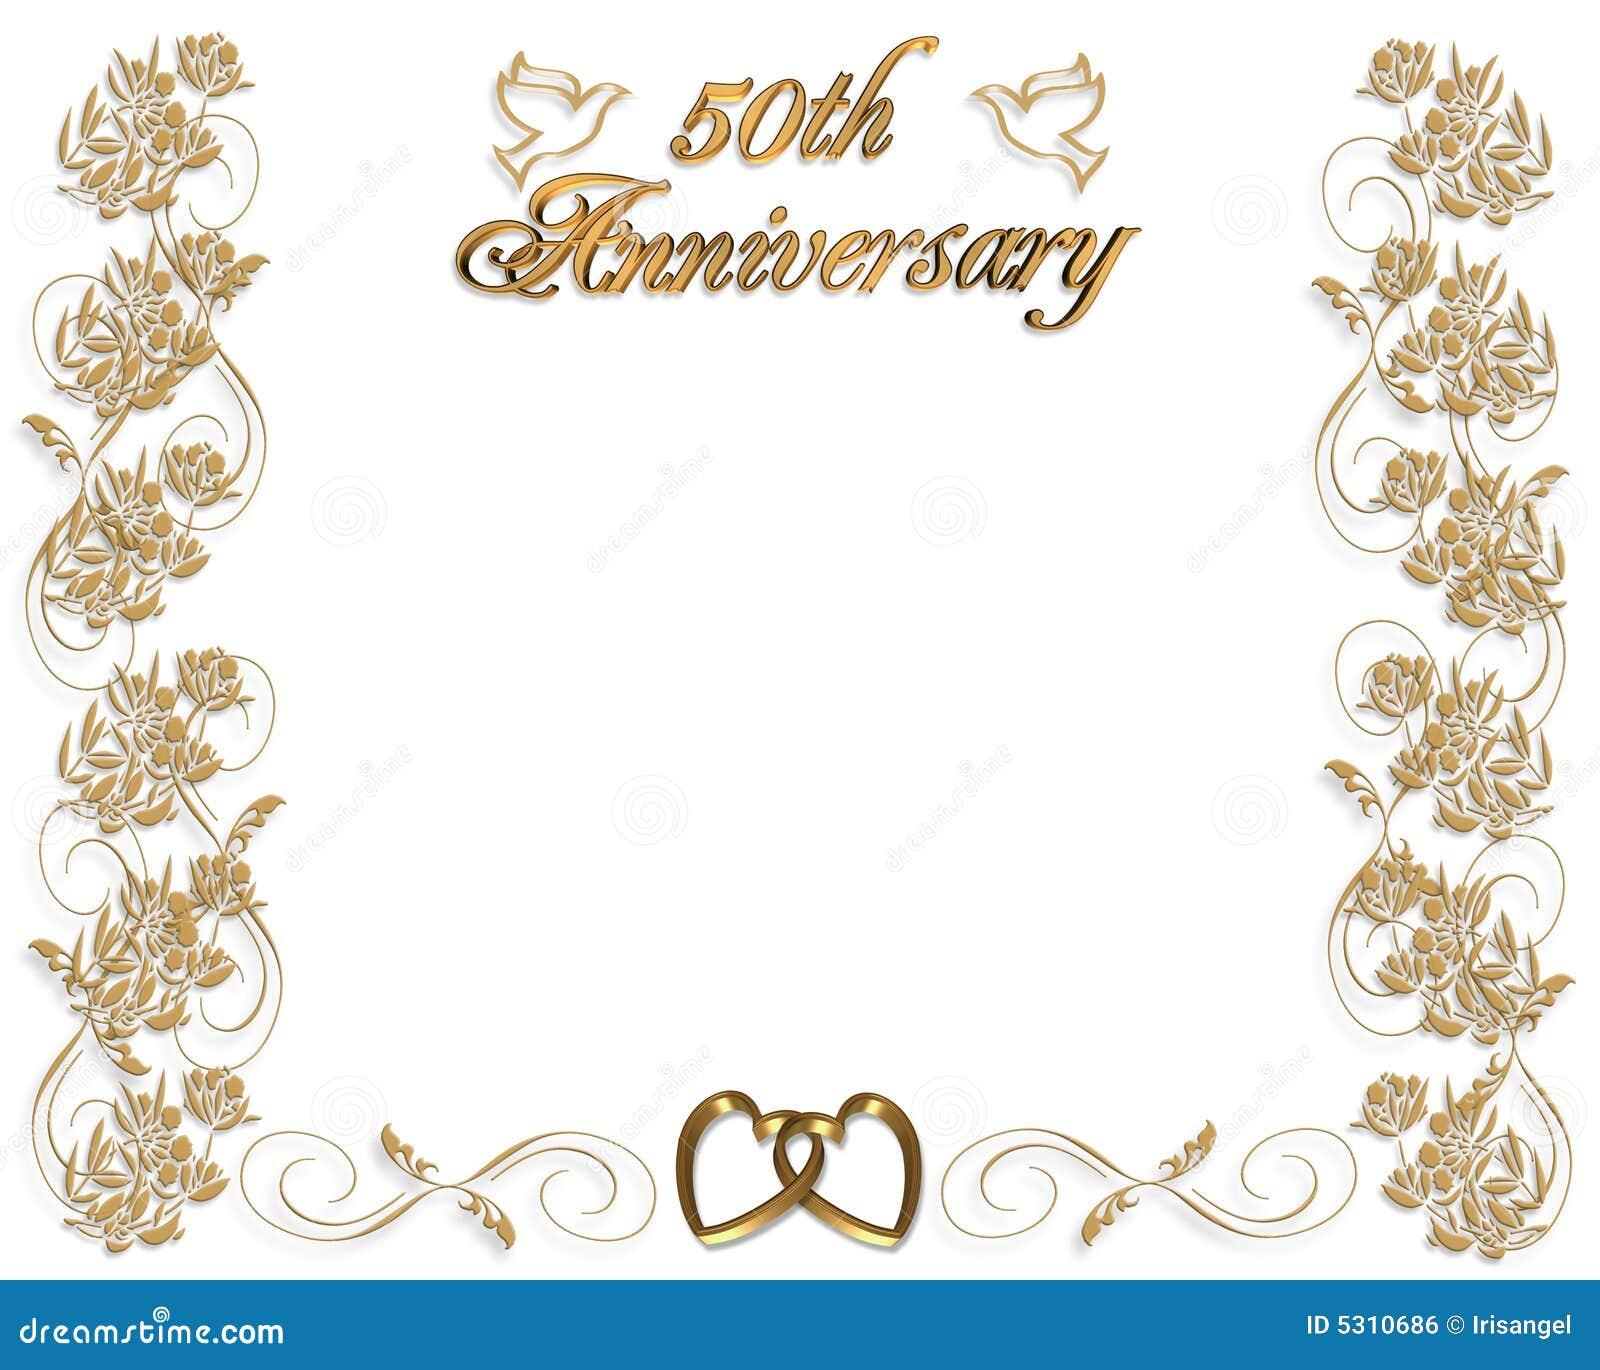 Invitación Del Aniversario De Boda 50 Años Stock De